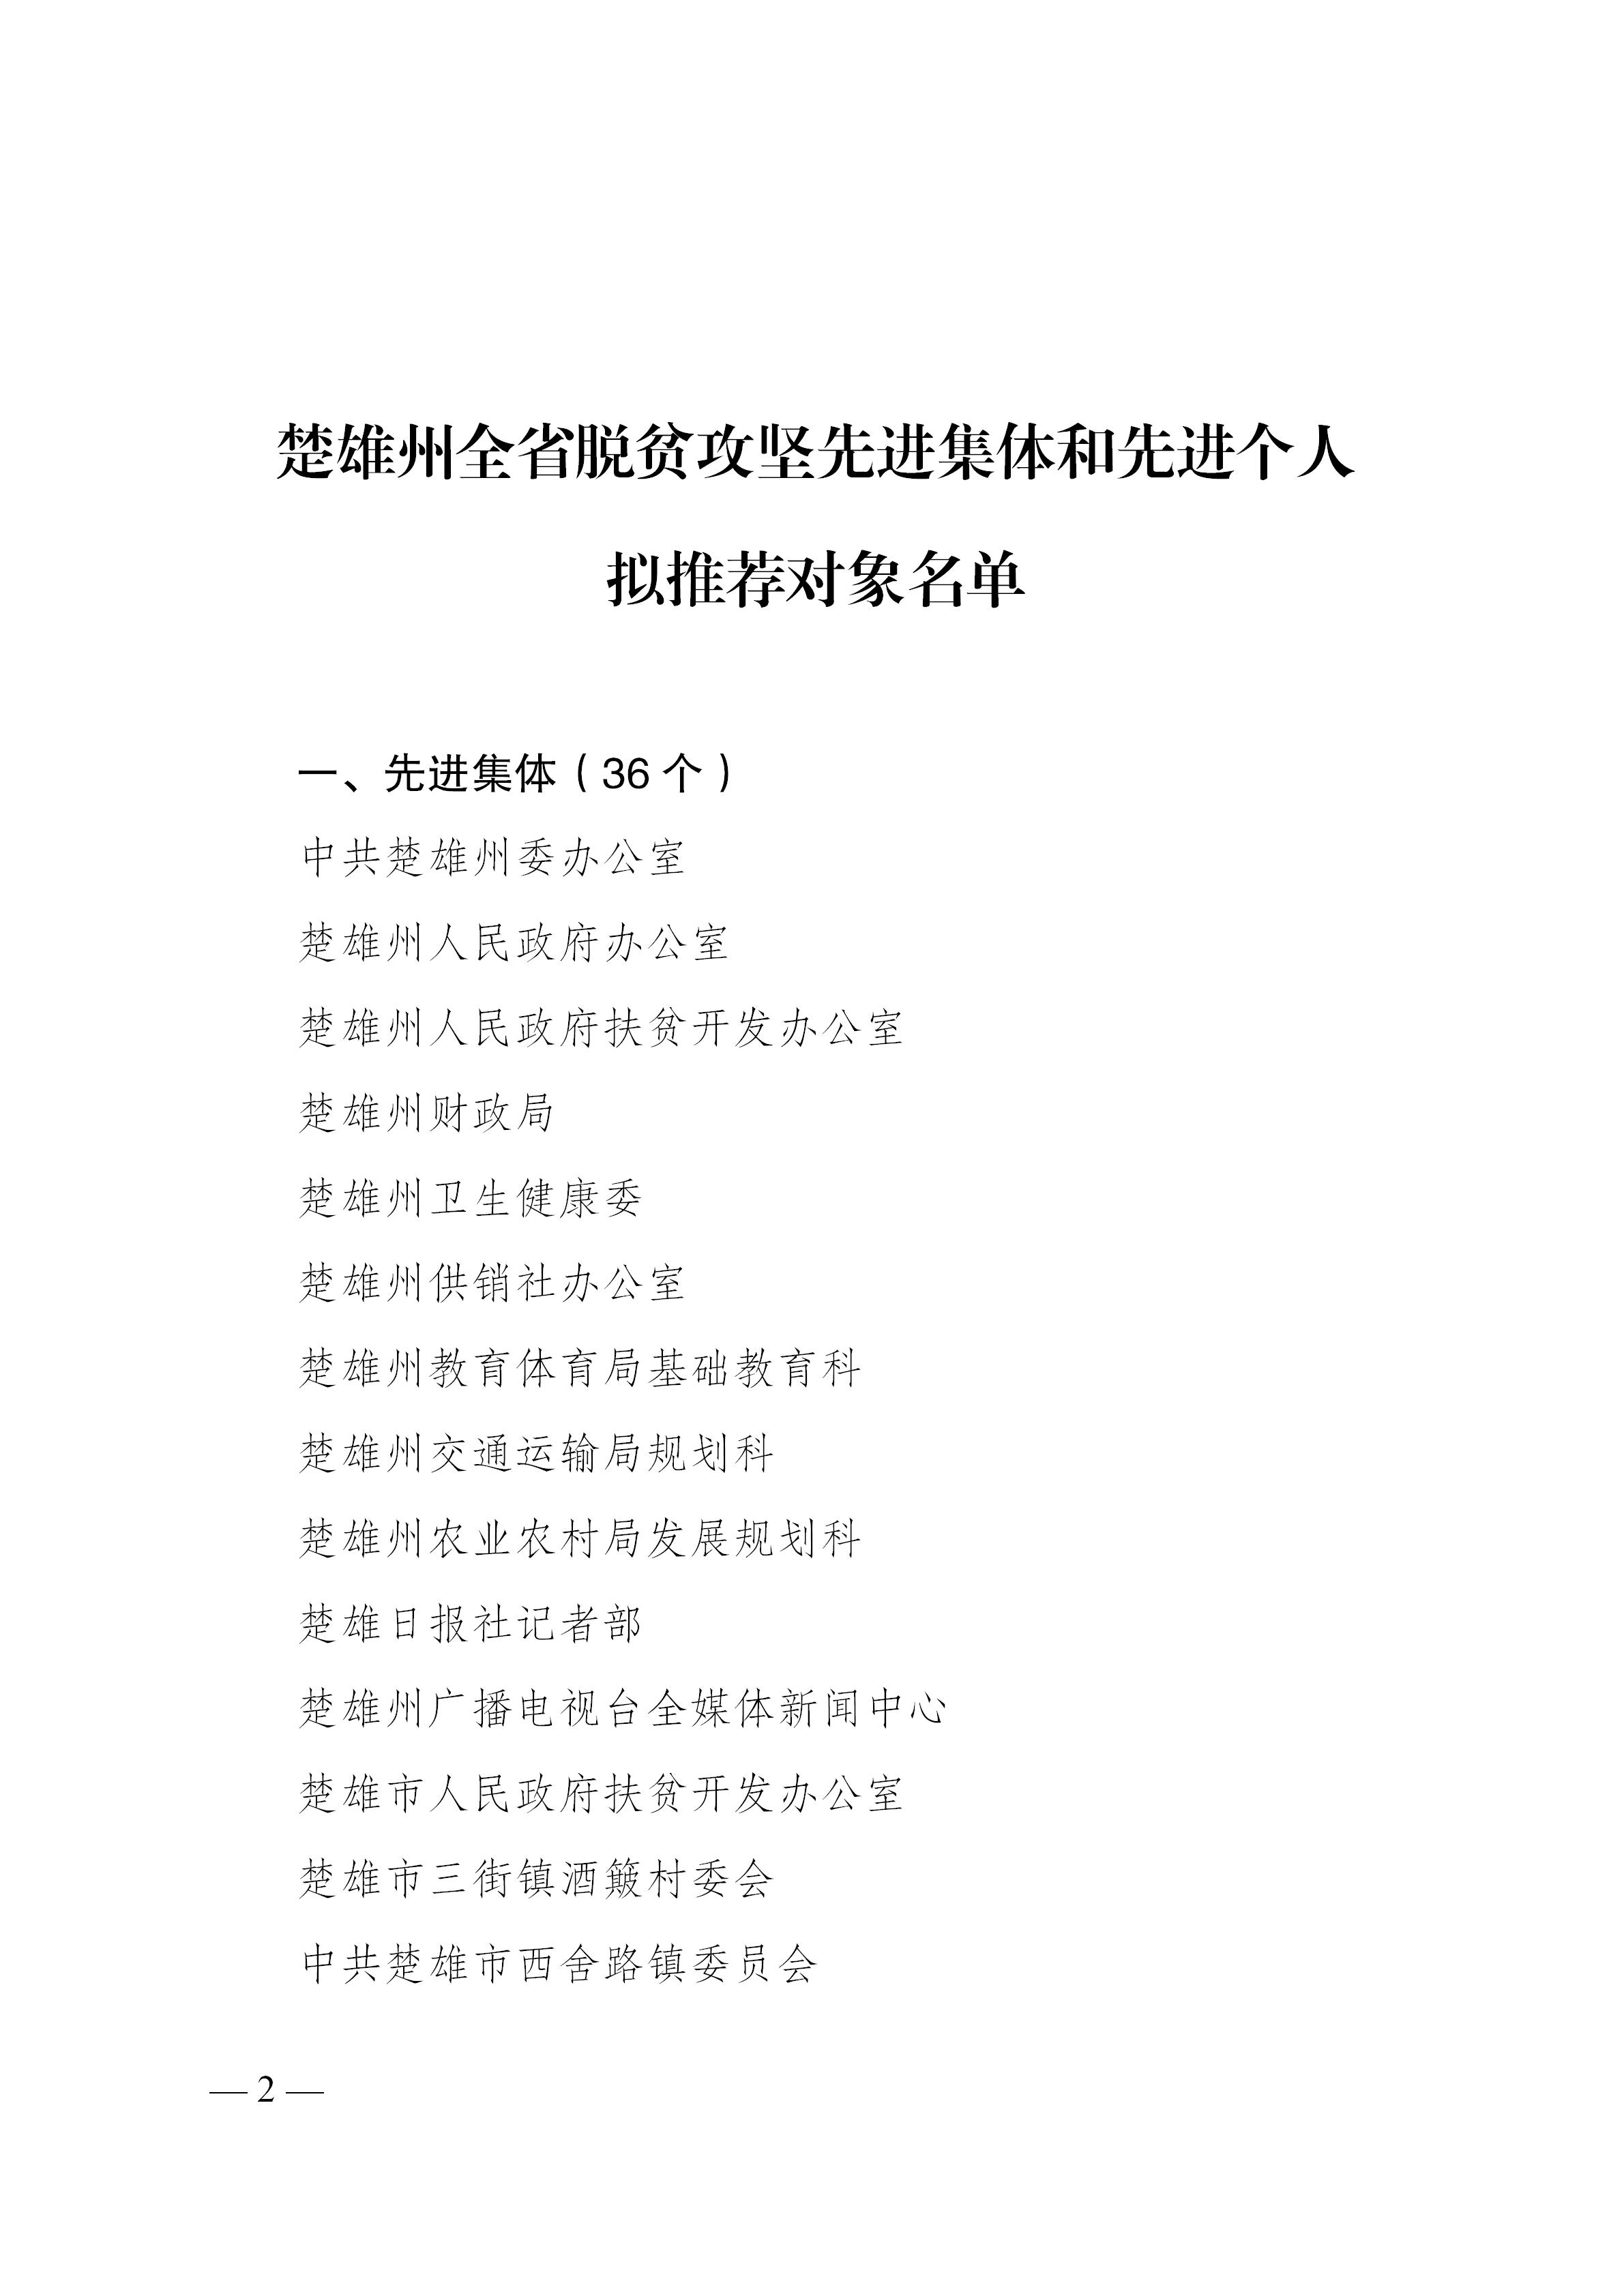 楚雄州全省脱贫攻坚先进集体先进个人拟推荐对象名单公示